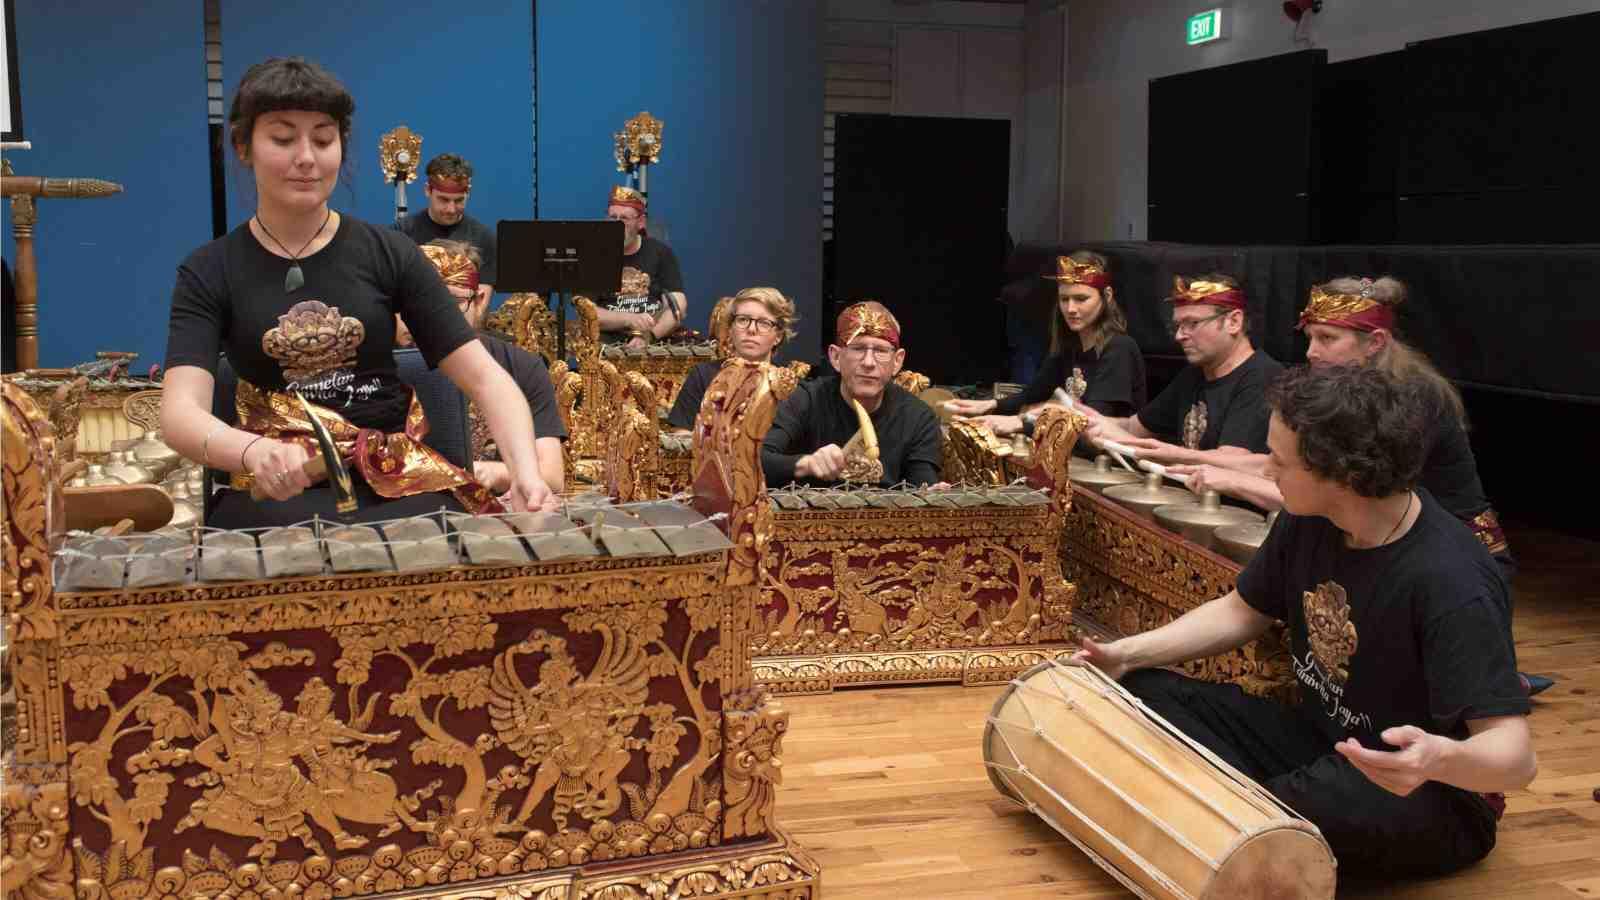 Gamelan ensemble performs at NZSM